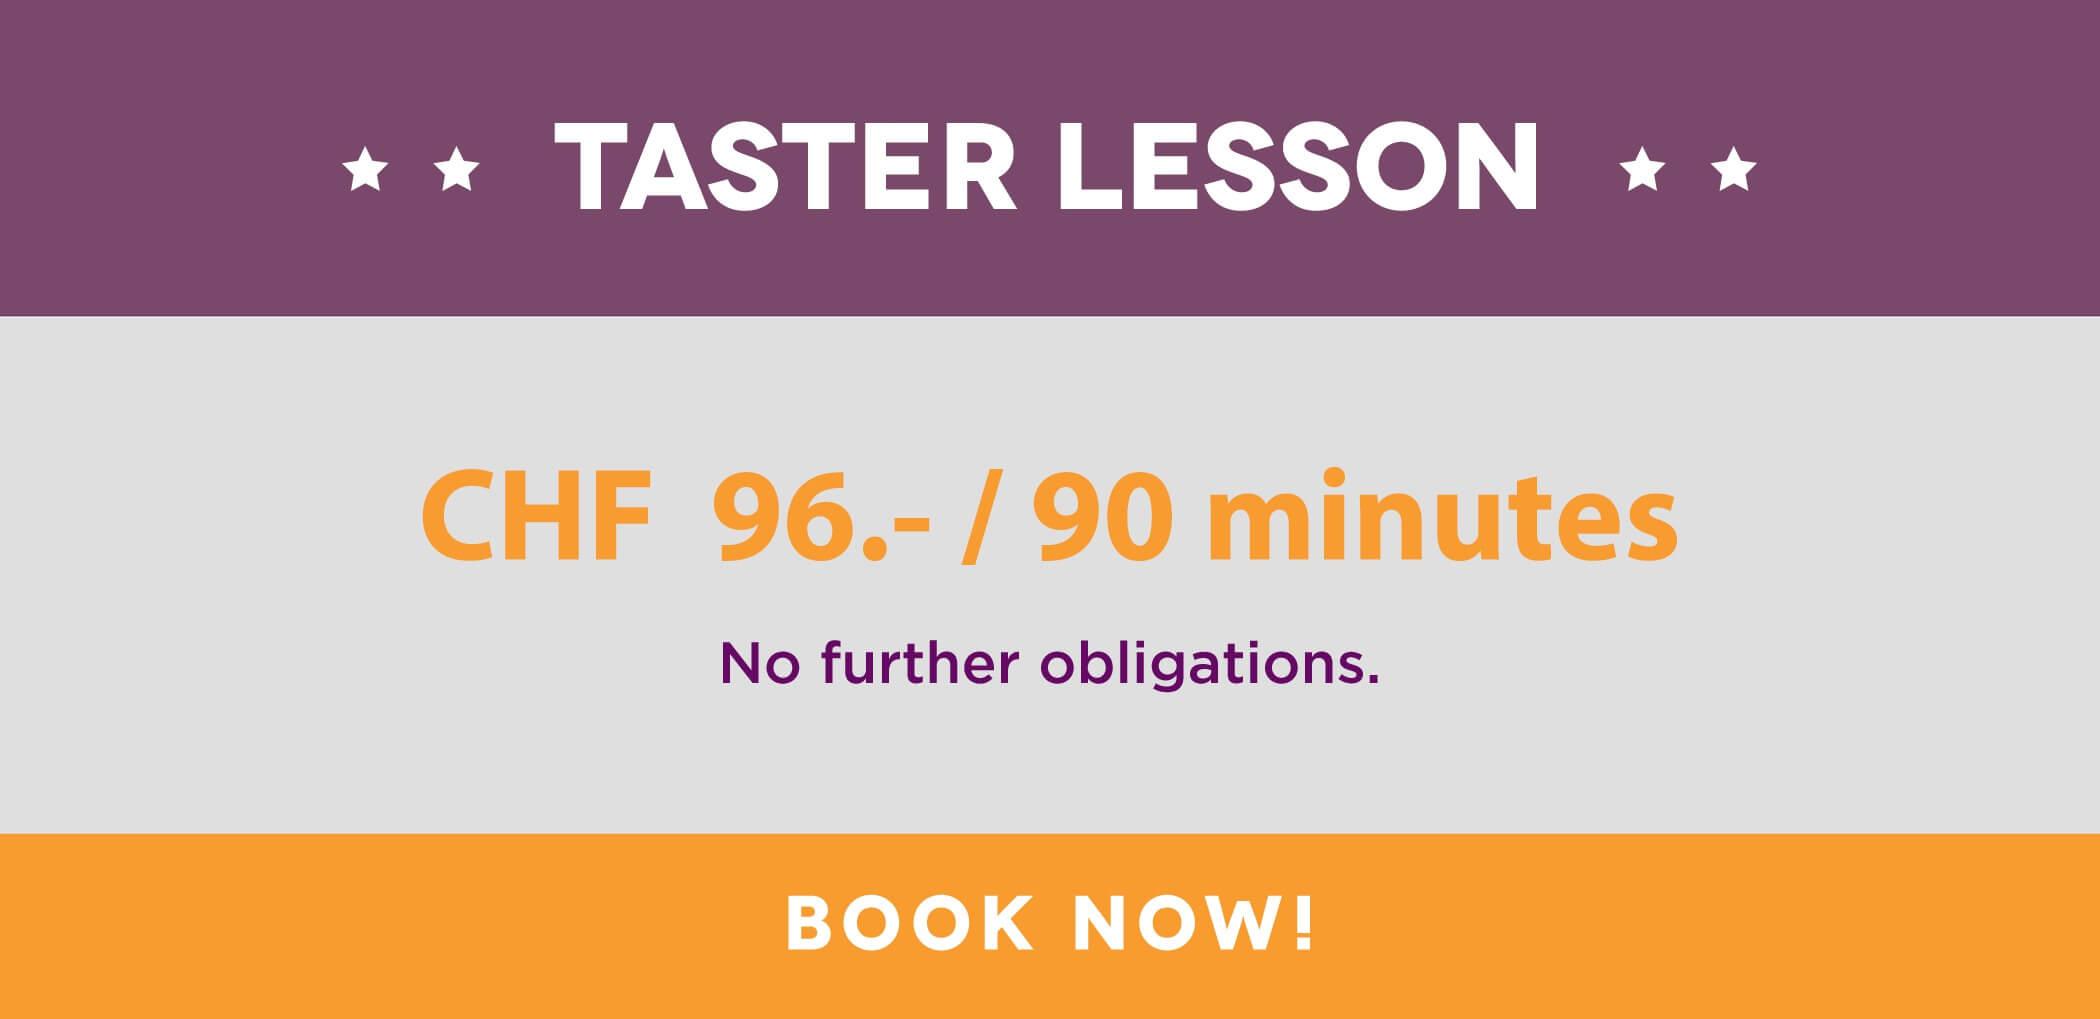 Taster Lesson GRE